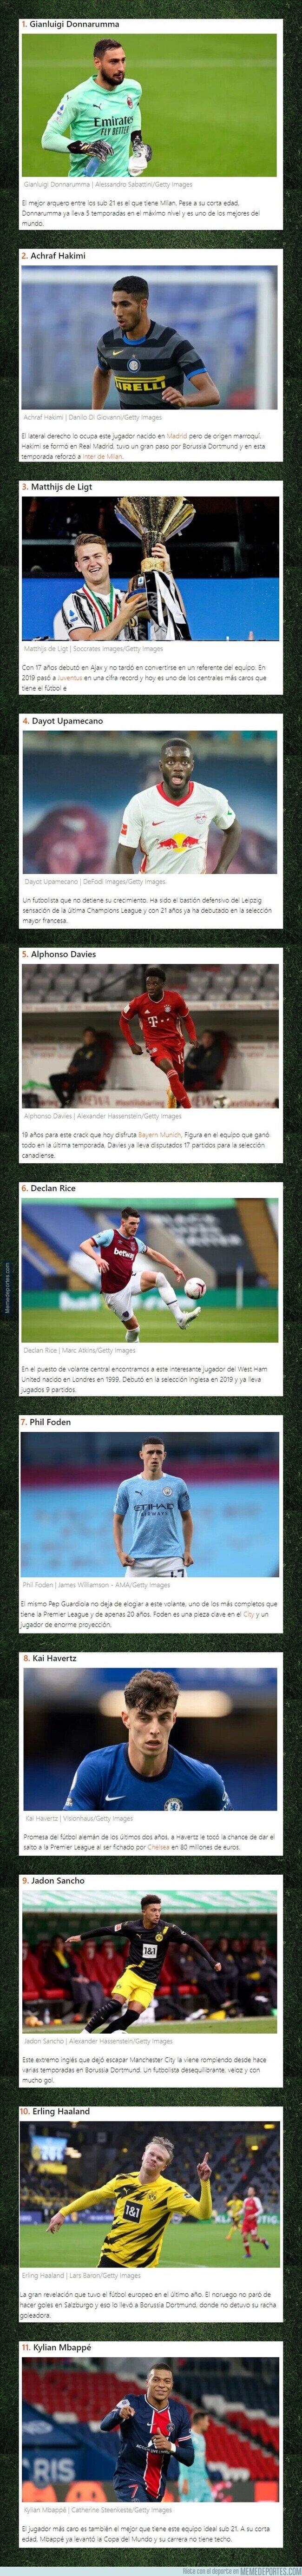 1117463 - El once ideal de futbolistas sub 21 de la actualidad tiene nivel como para ganar un Mundial